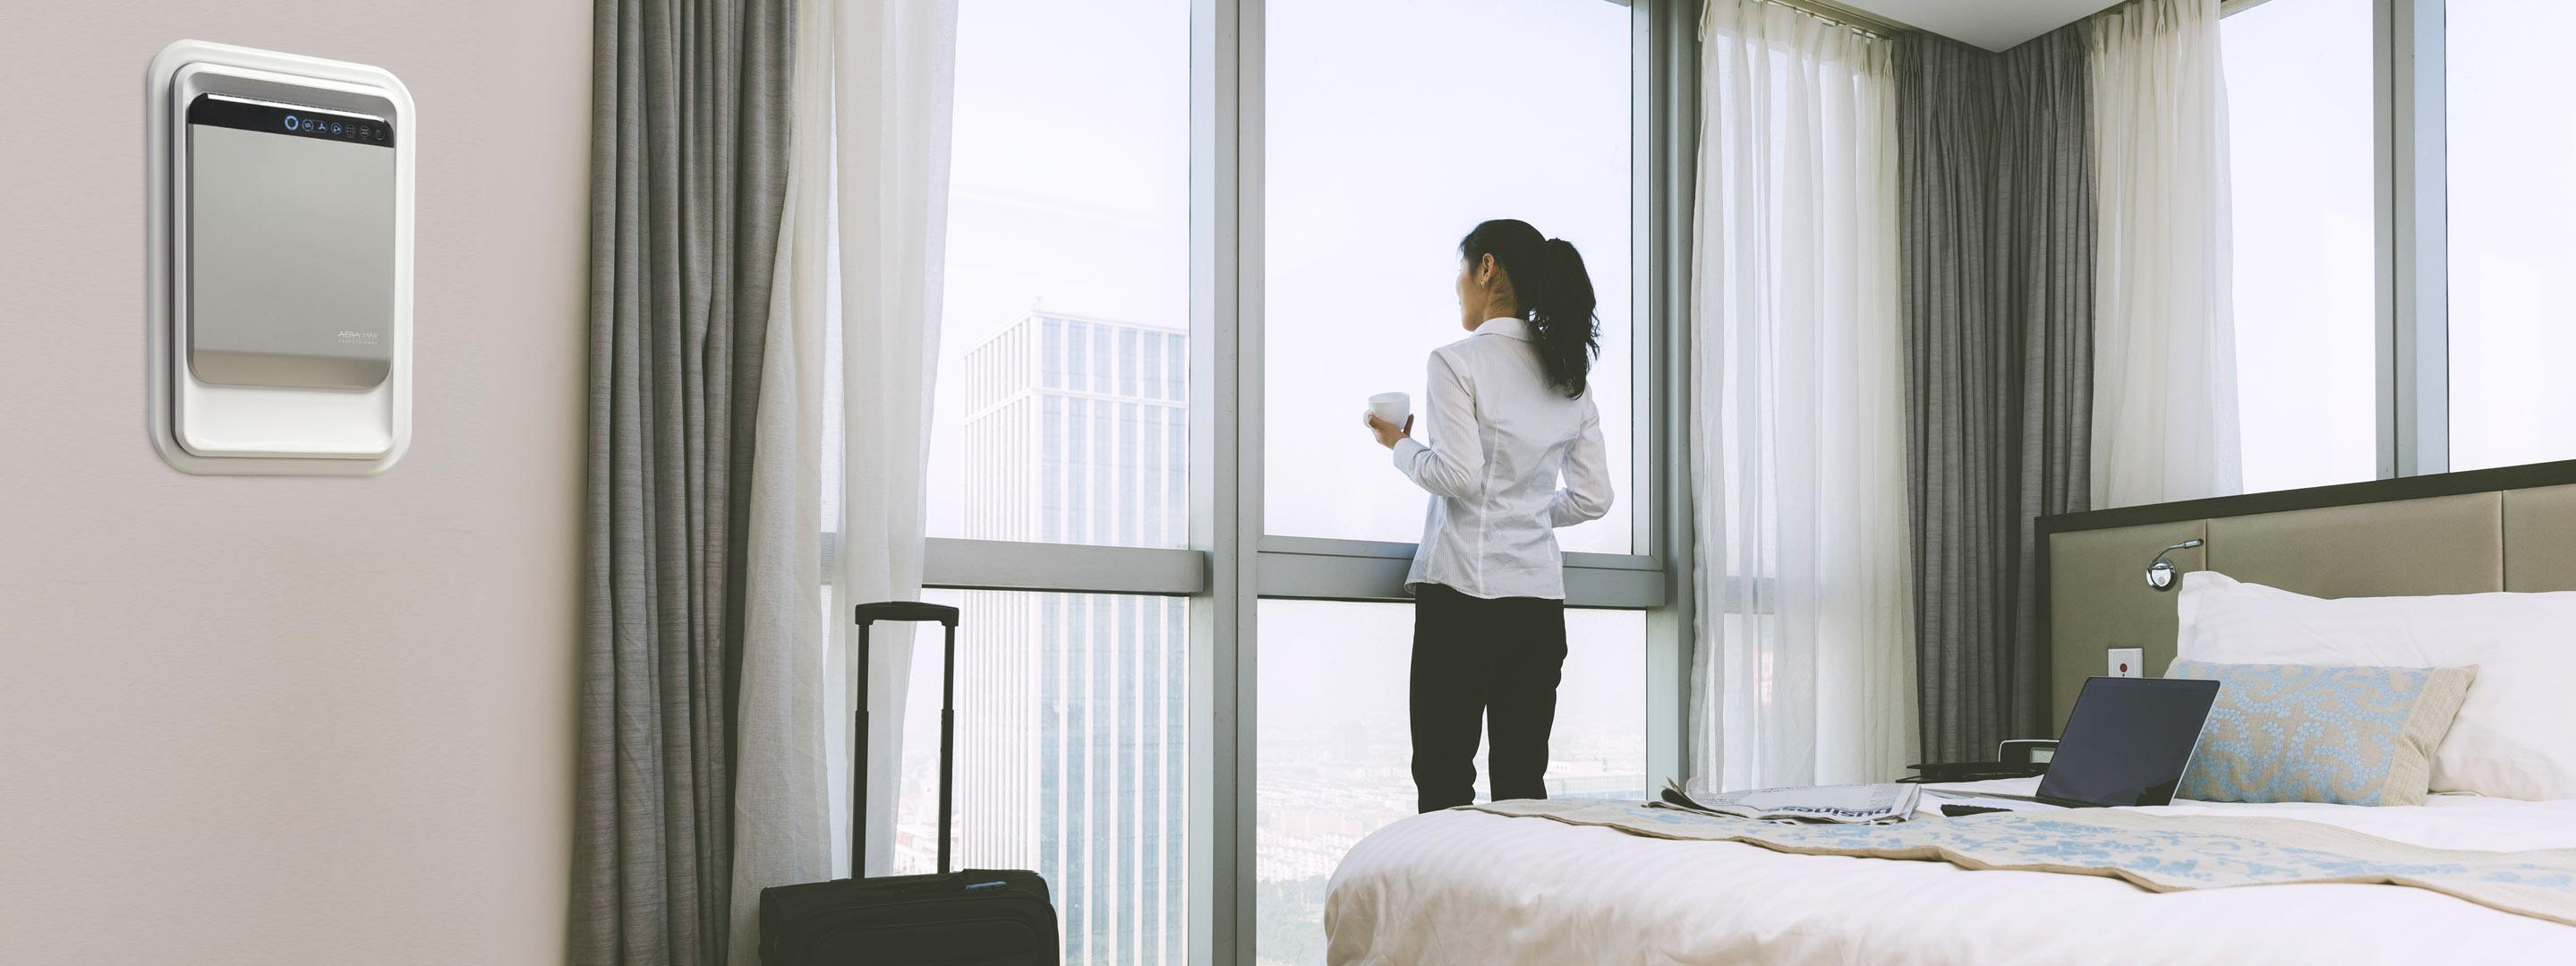 AeraMax Professional -Hôtellerie